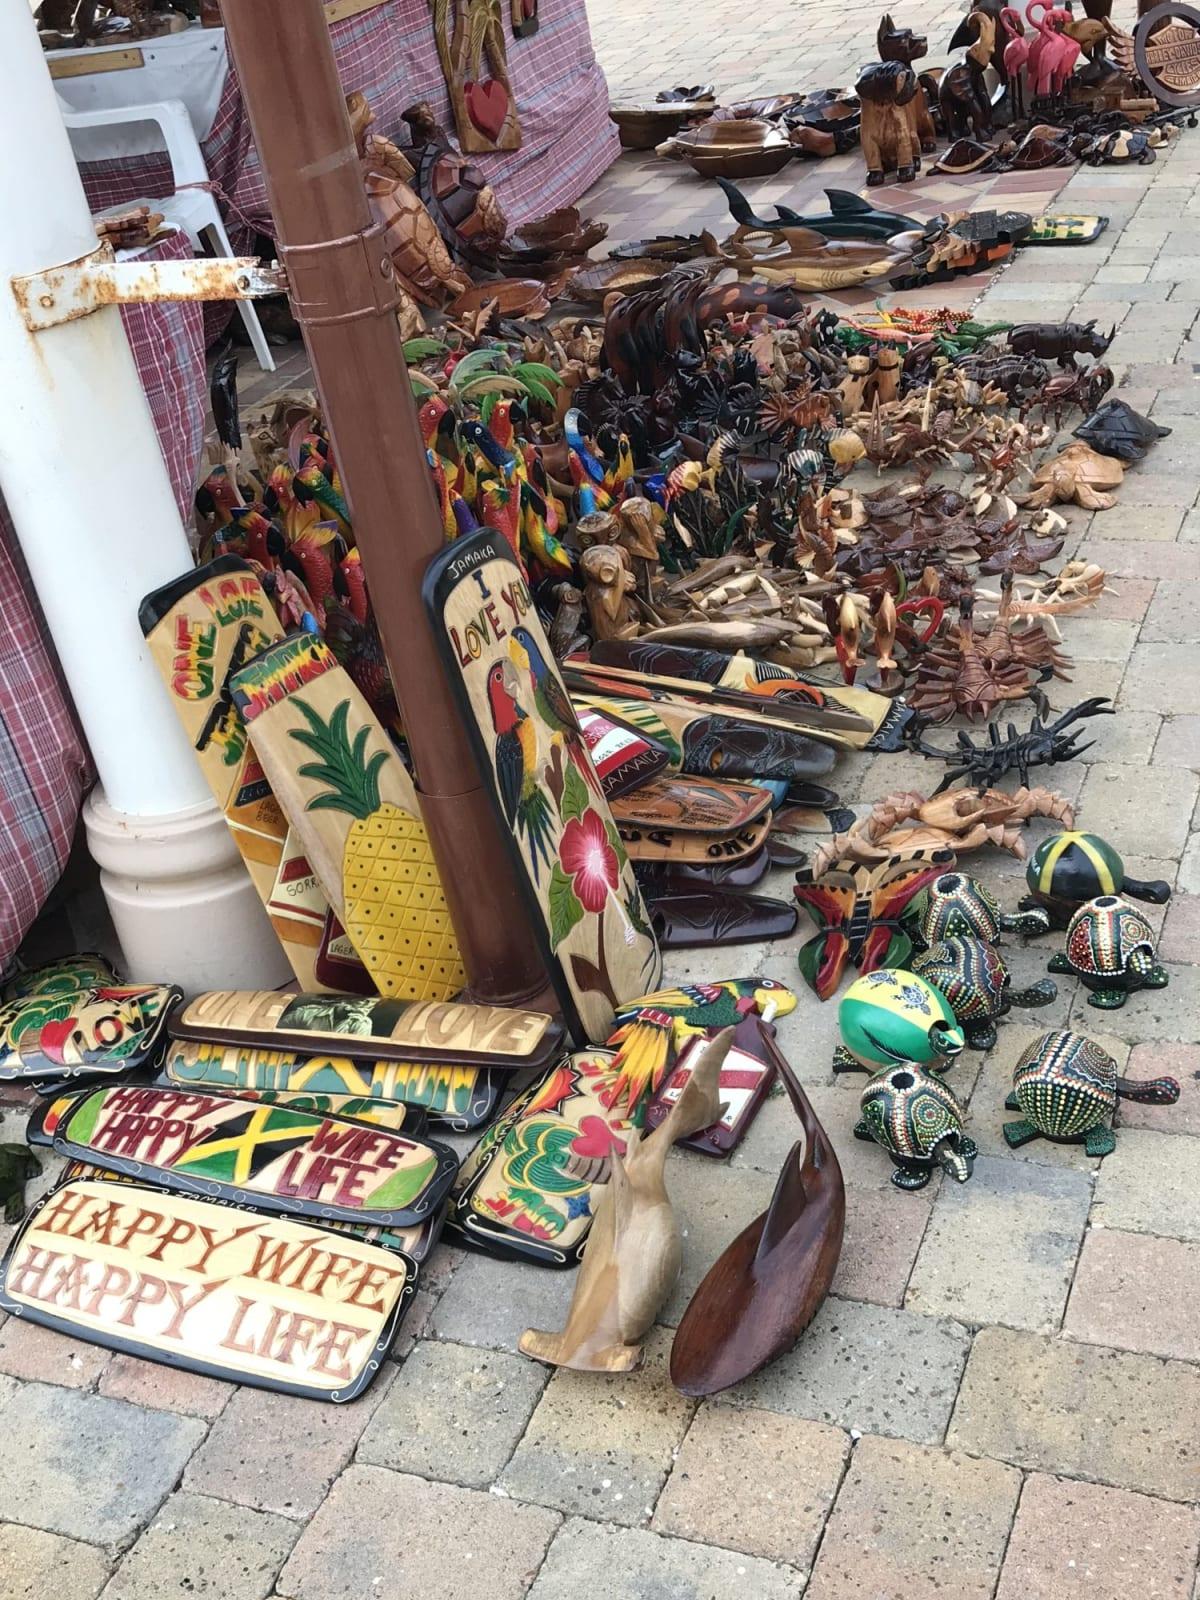 ジャマイカの港にて。見ているだけでも楽しい木彫り。クオリティは微妙。 | ファルマス